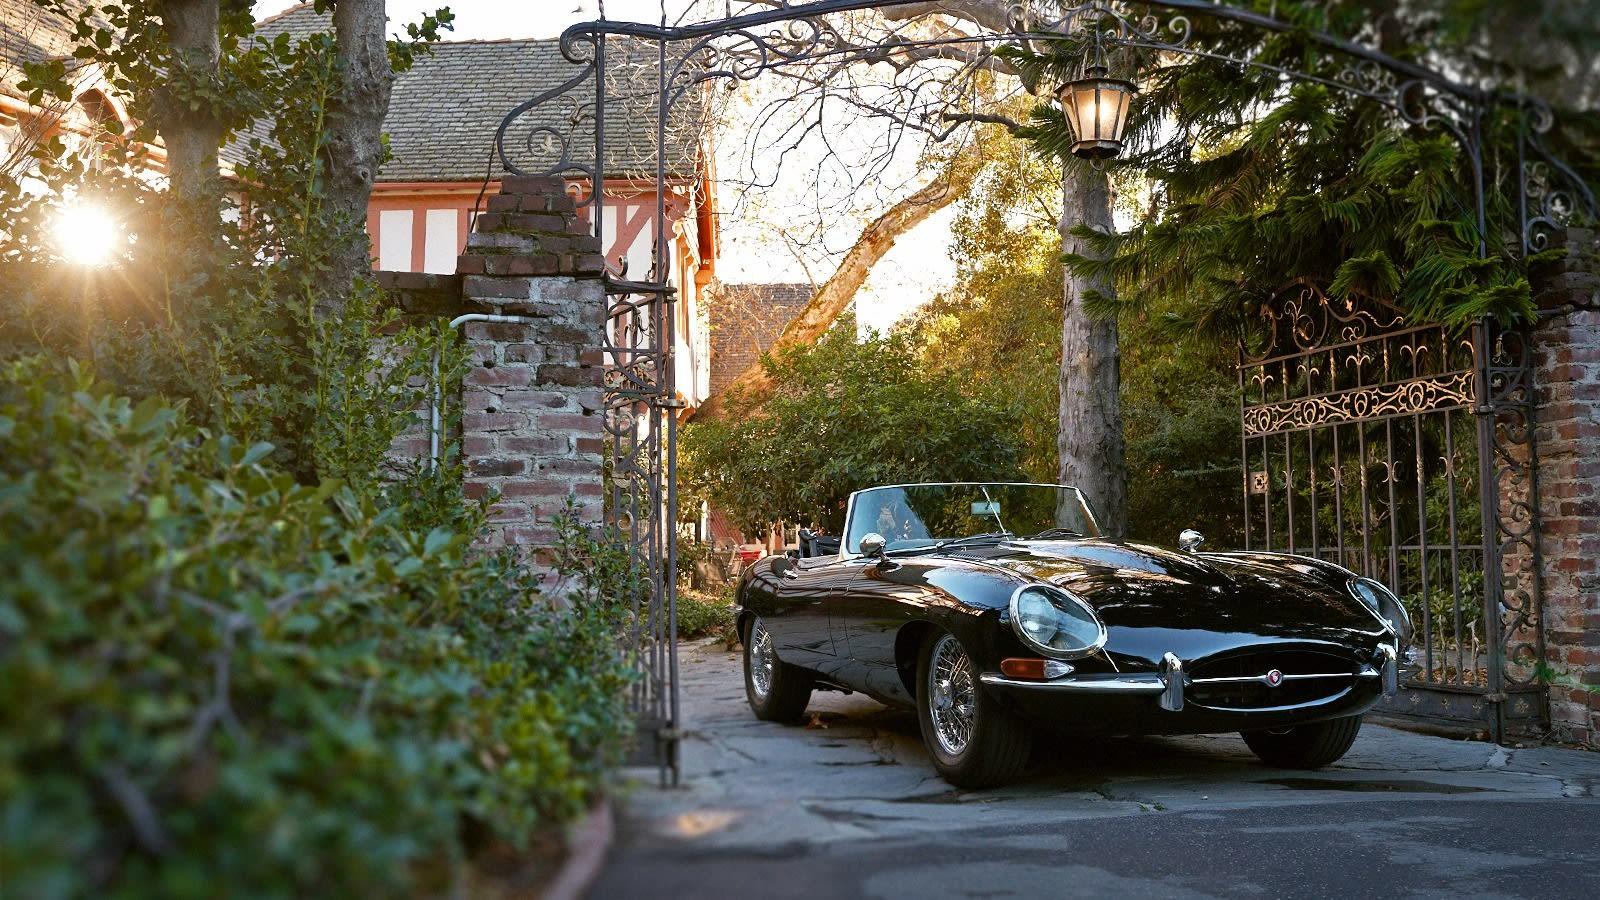 Omaze раздает `` самую красивую машину из когда-либо созданных ''